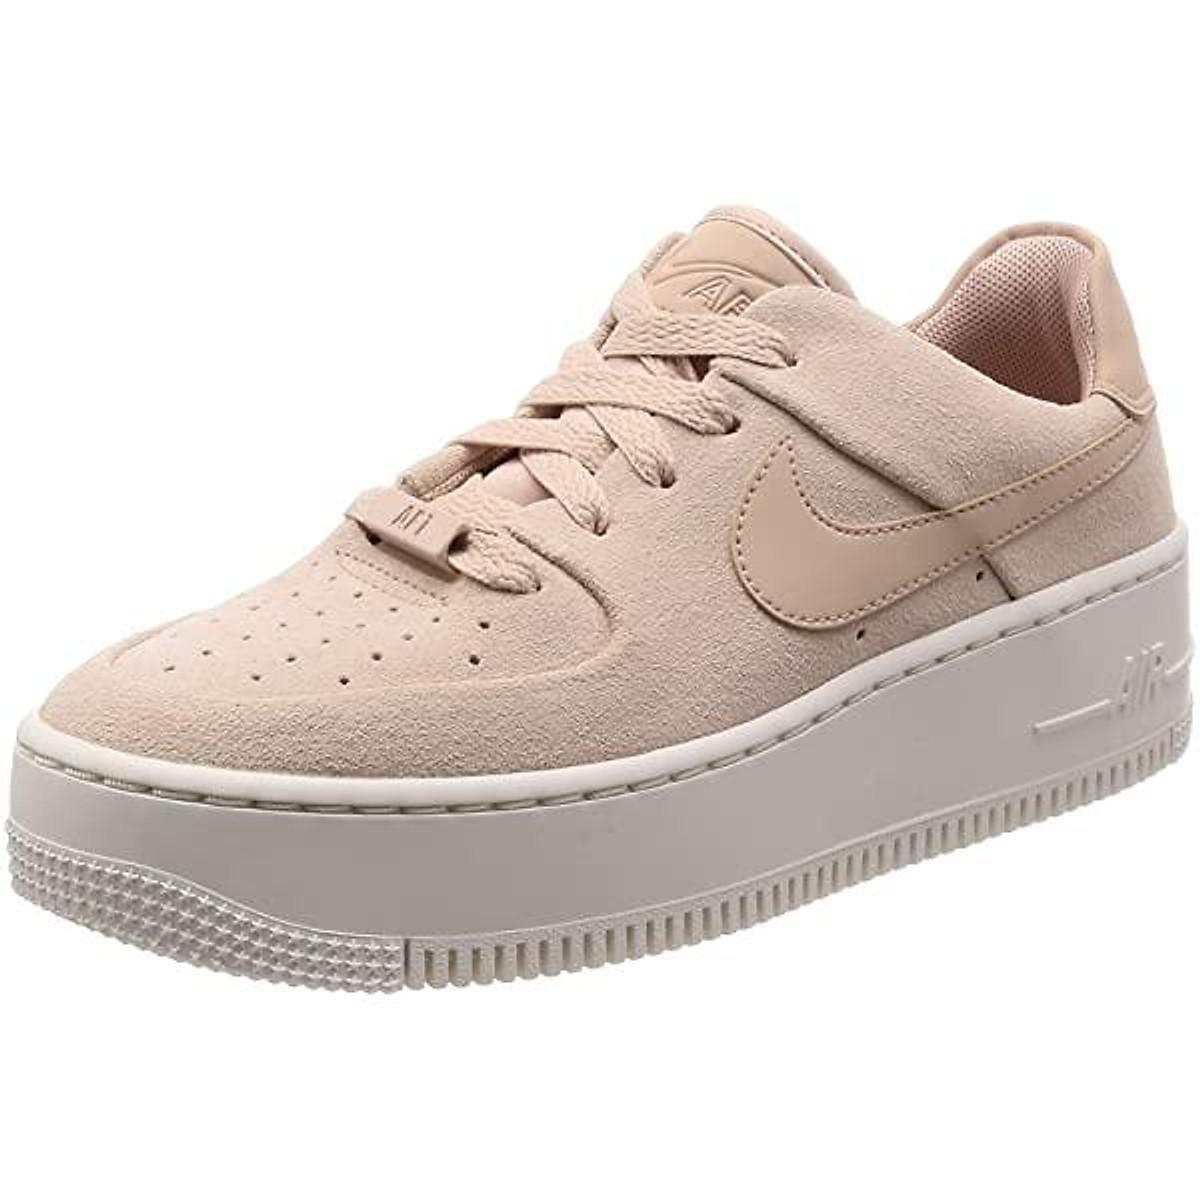 Đánh giá, review Giày Nike nữ Air Force 1 Low